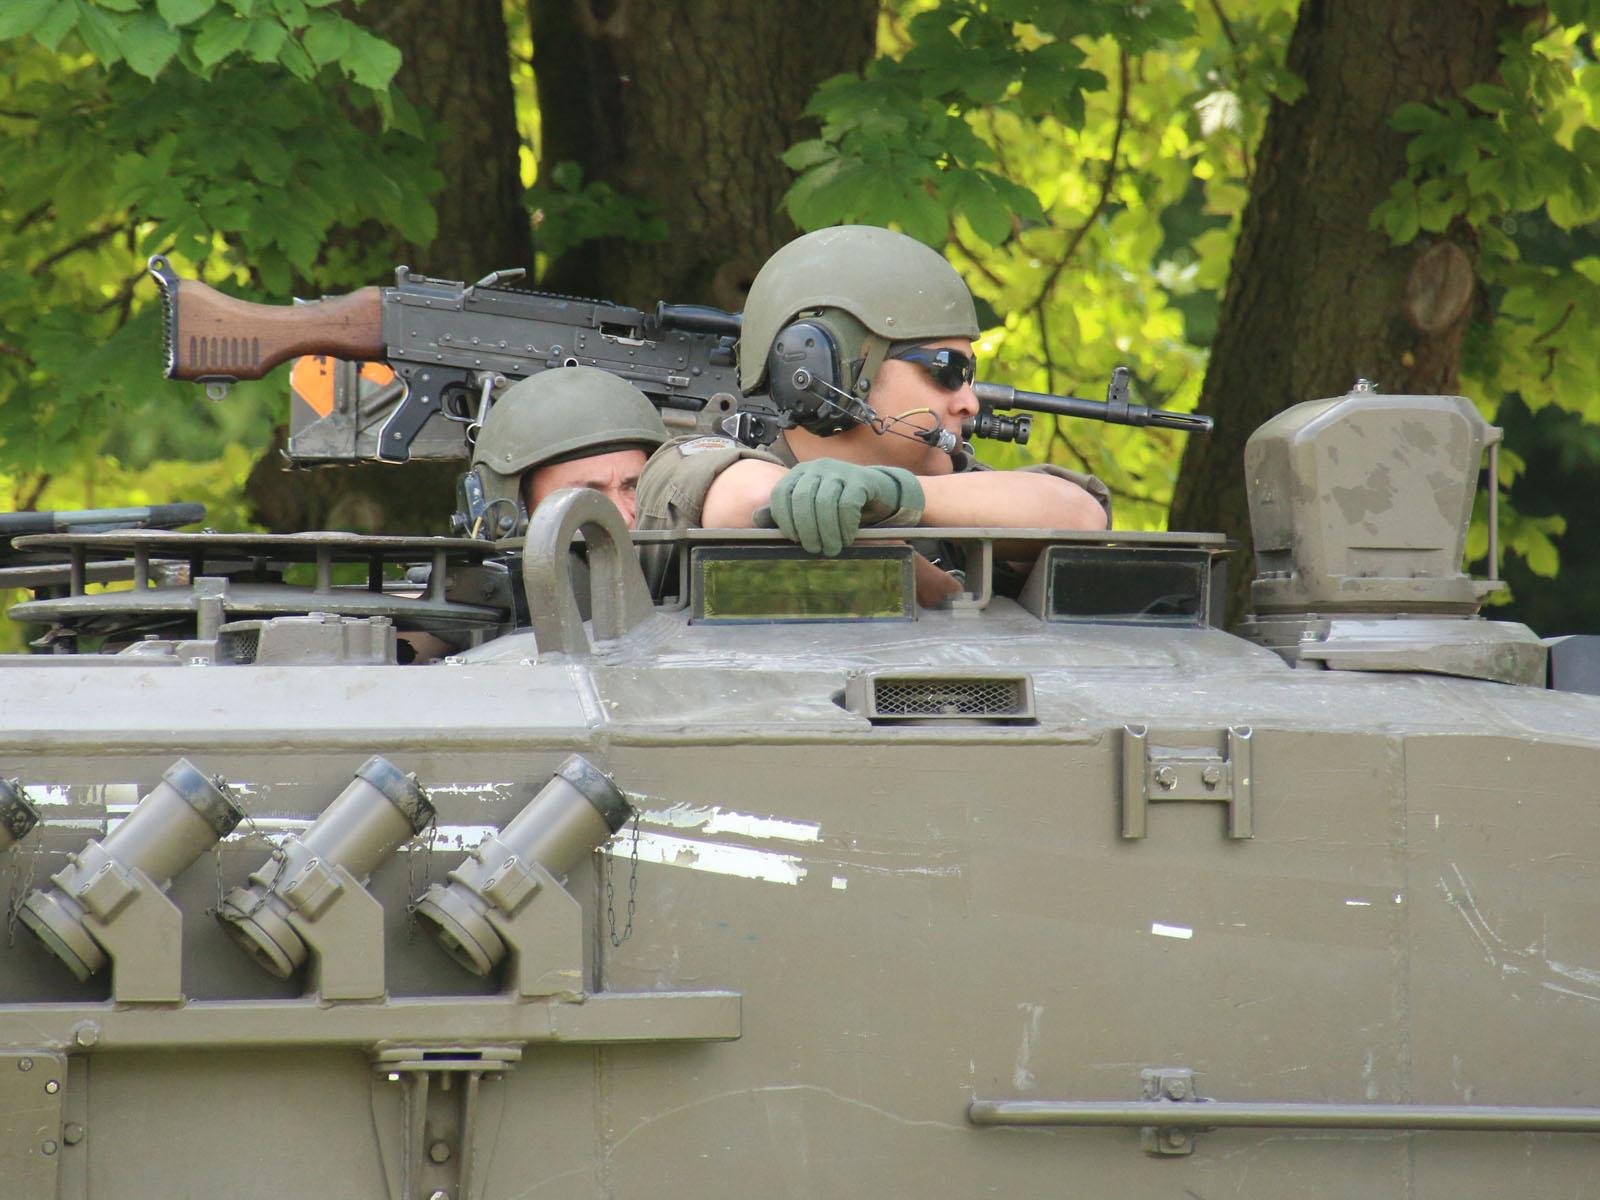 Kampfpanzer Leopard 2A4 in Bereitschaft © Doppeladler.com